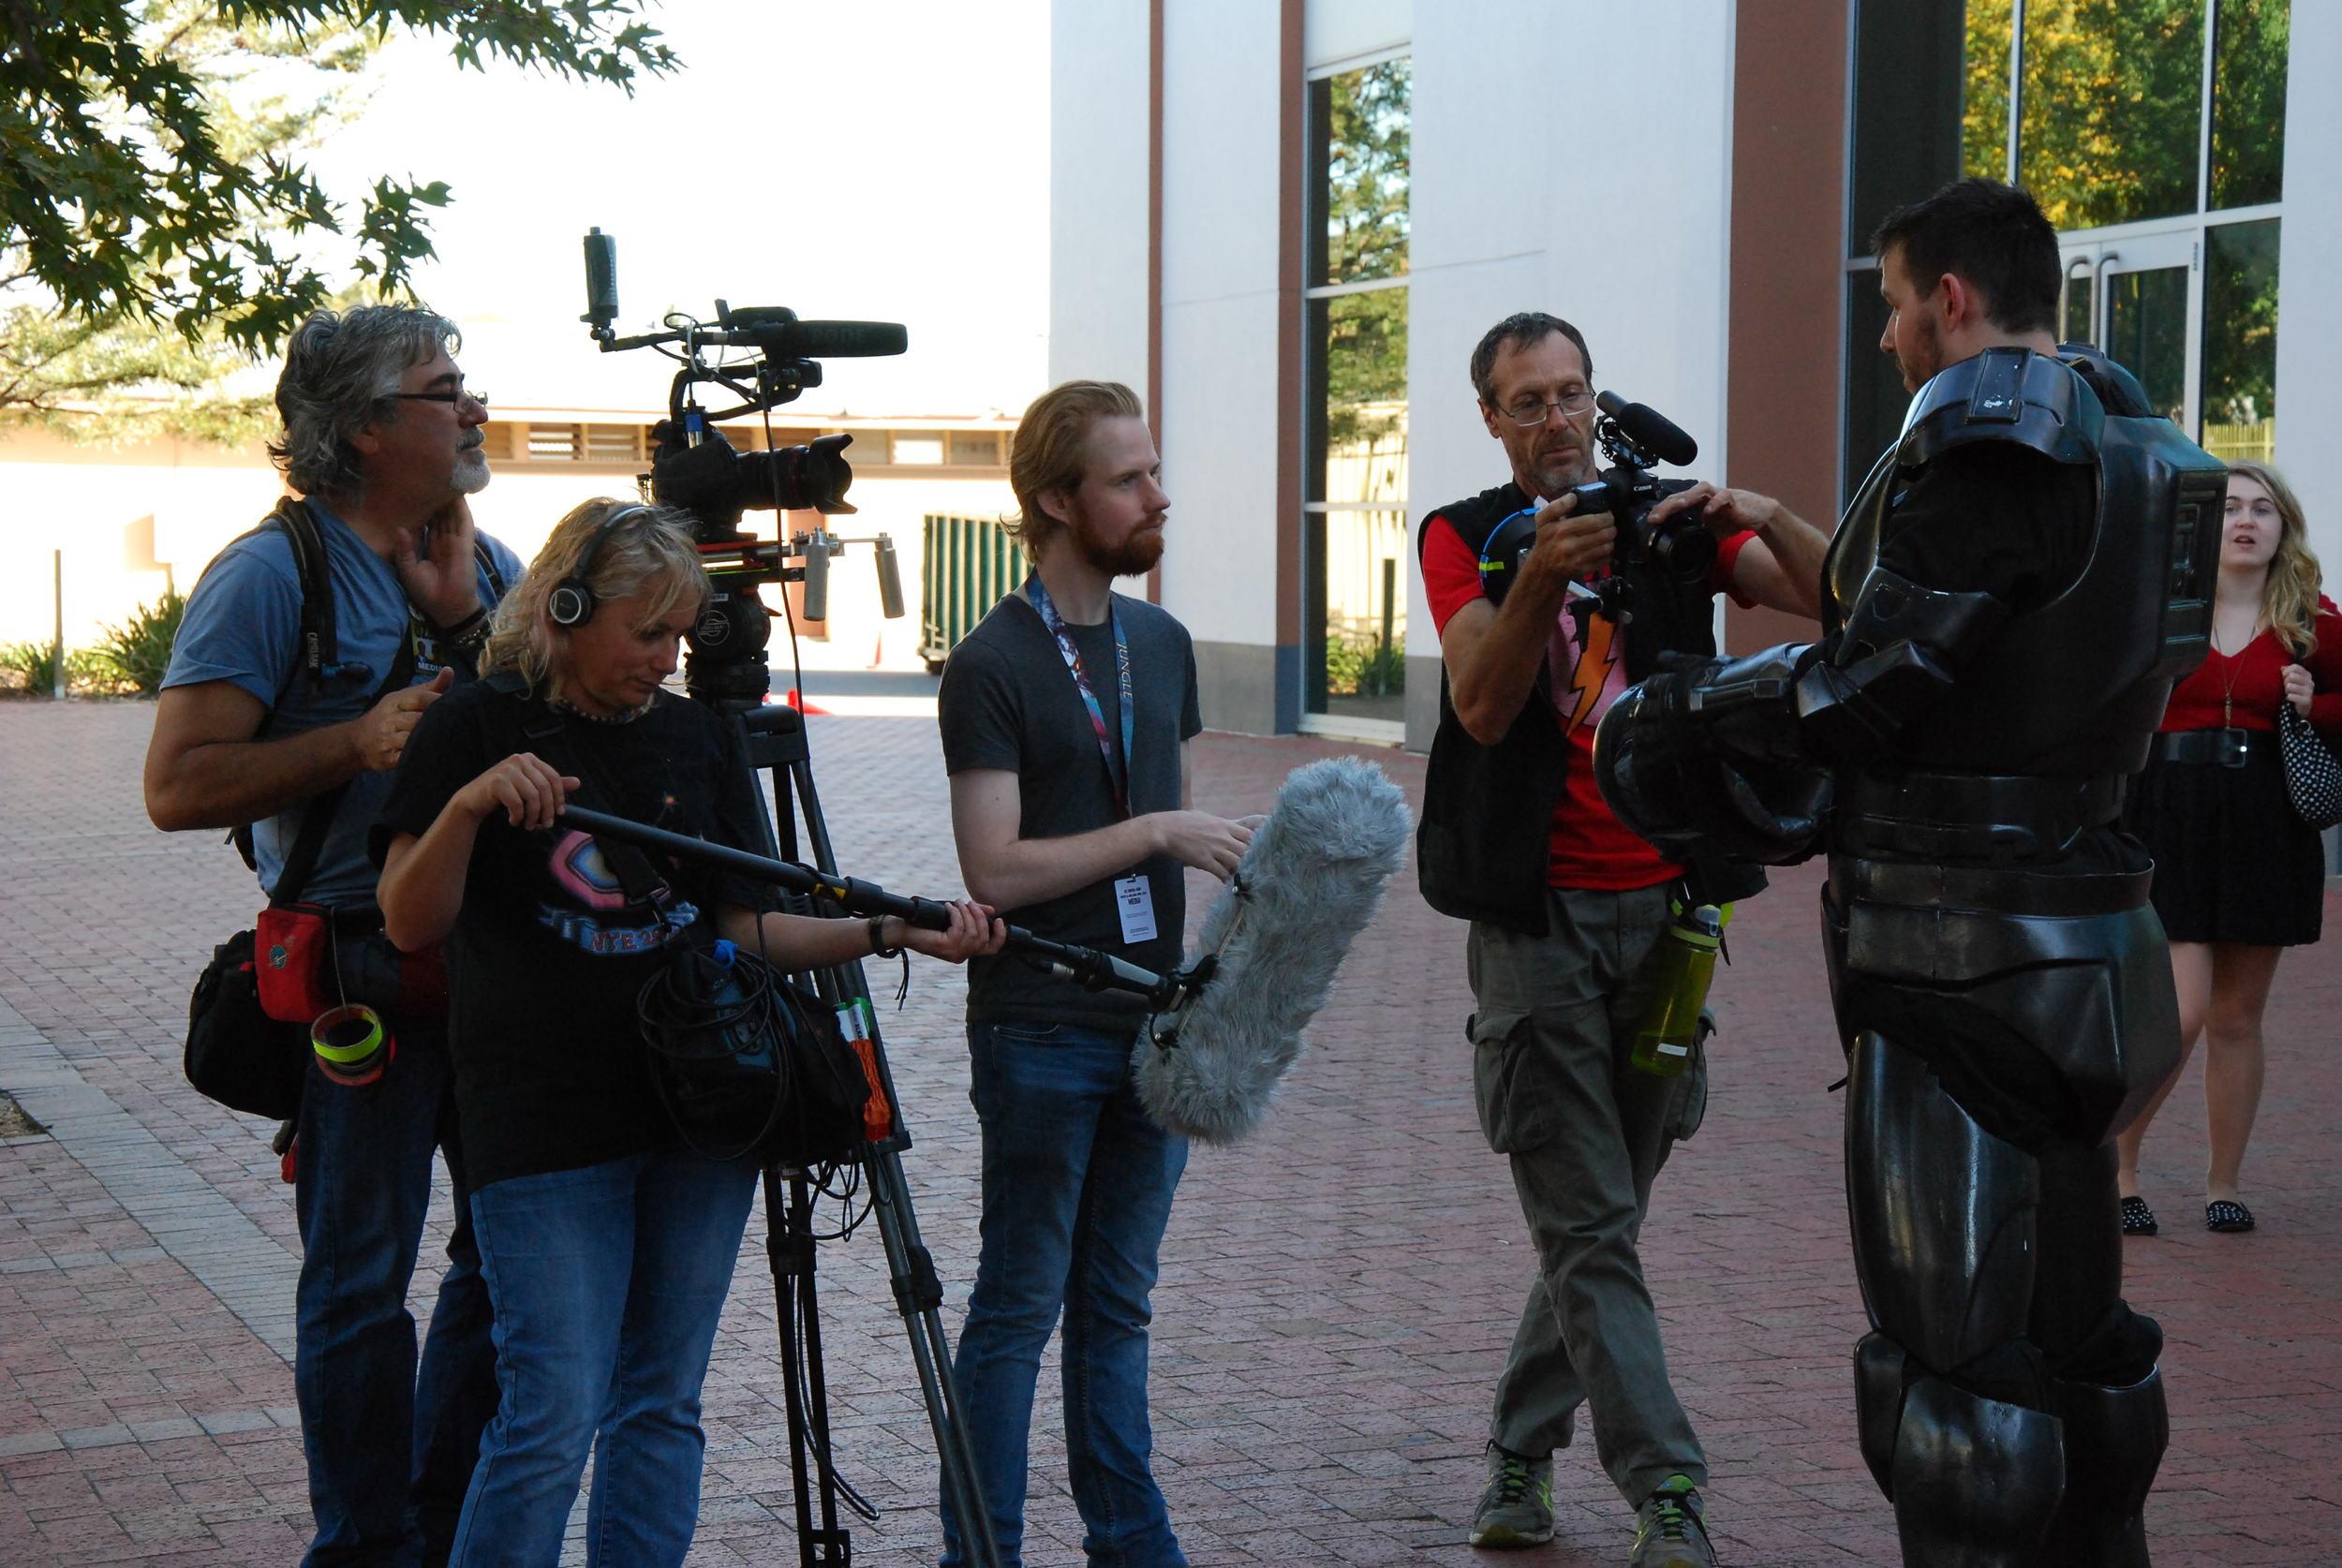 FANDOM - Armoured Cosplay crew L-R DOP Allan Collins acs Sound Kym Haman, Director Sam Hardy, 2nd Camera Frank Hruby.